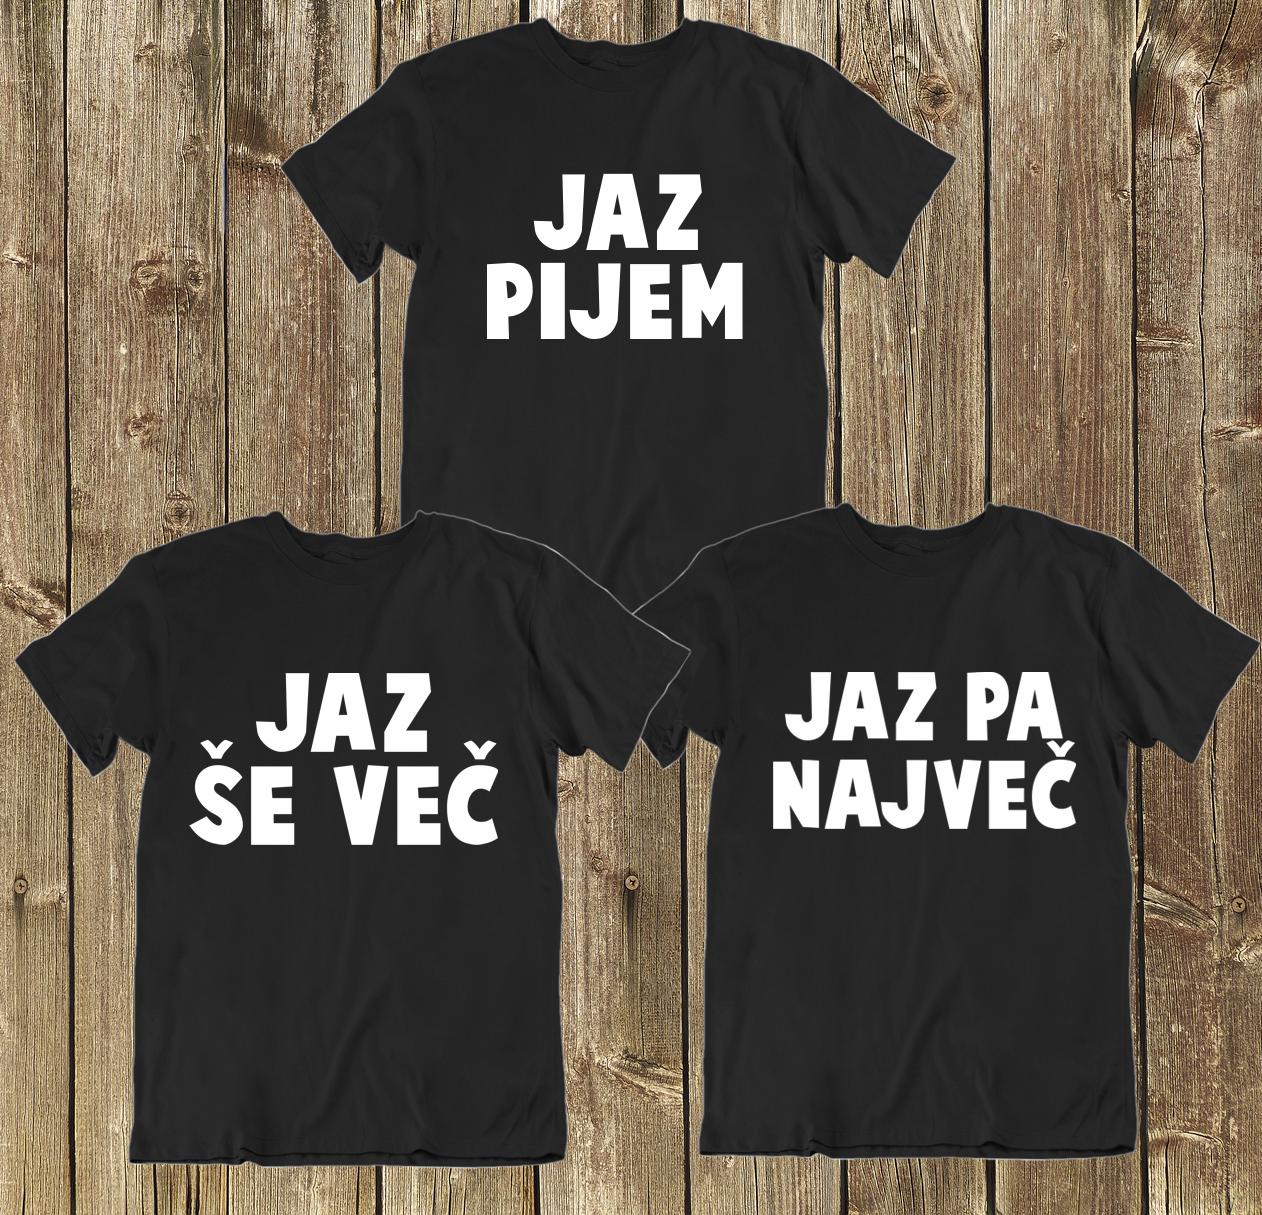 Majice KOMPLET MI PIJEMO - 3 kosi